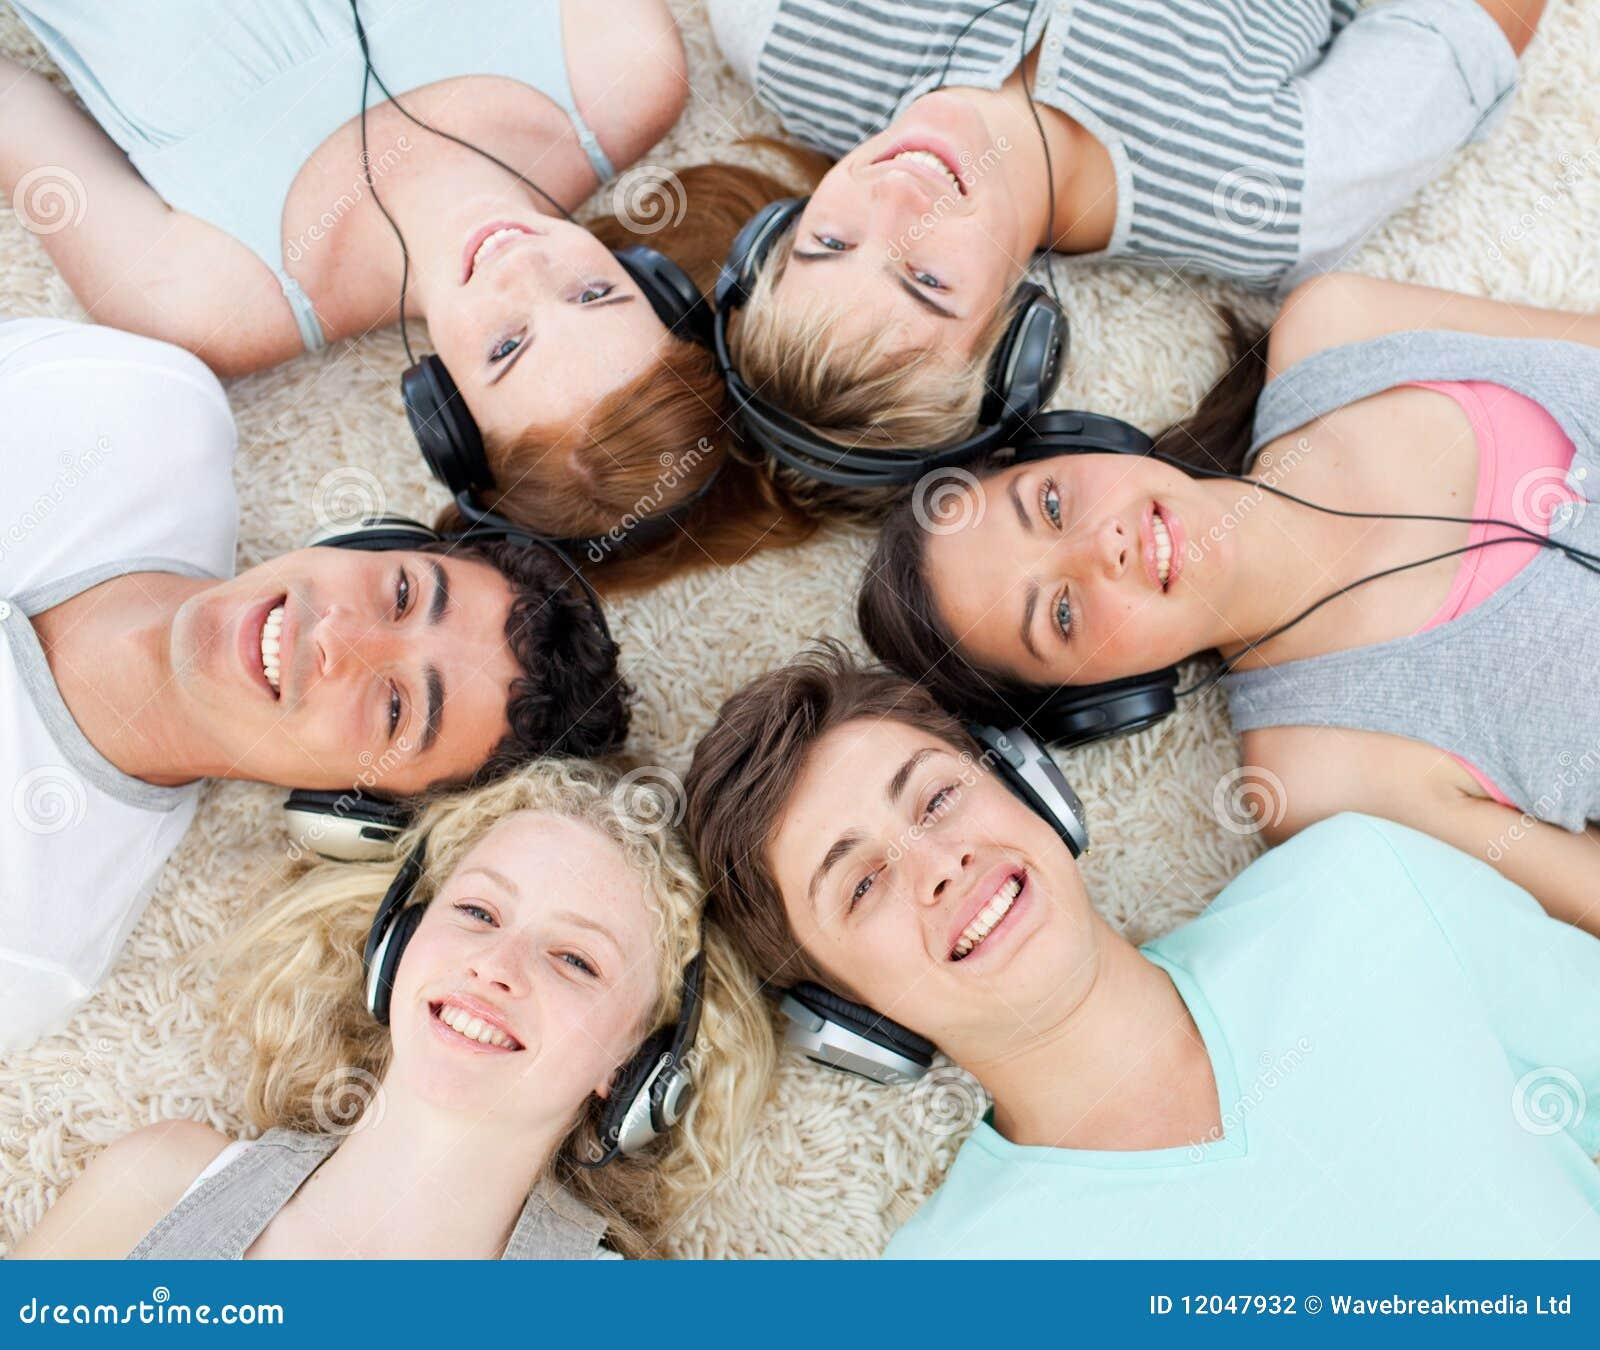 Jugendliche nackt im Netz - smiley-evde